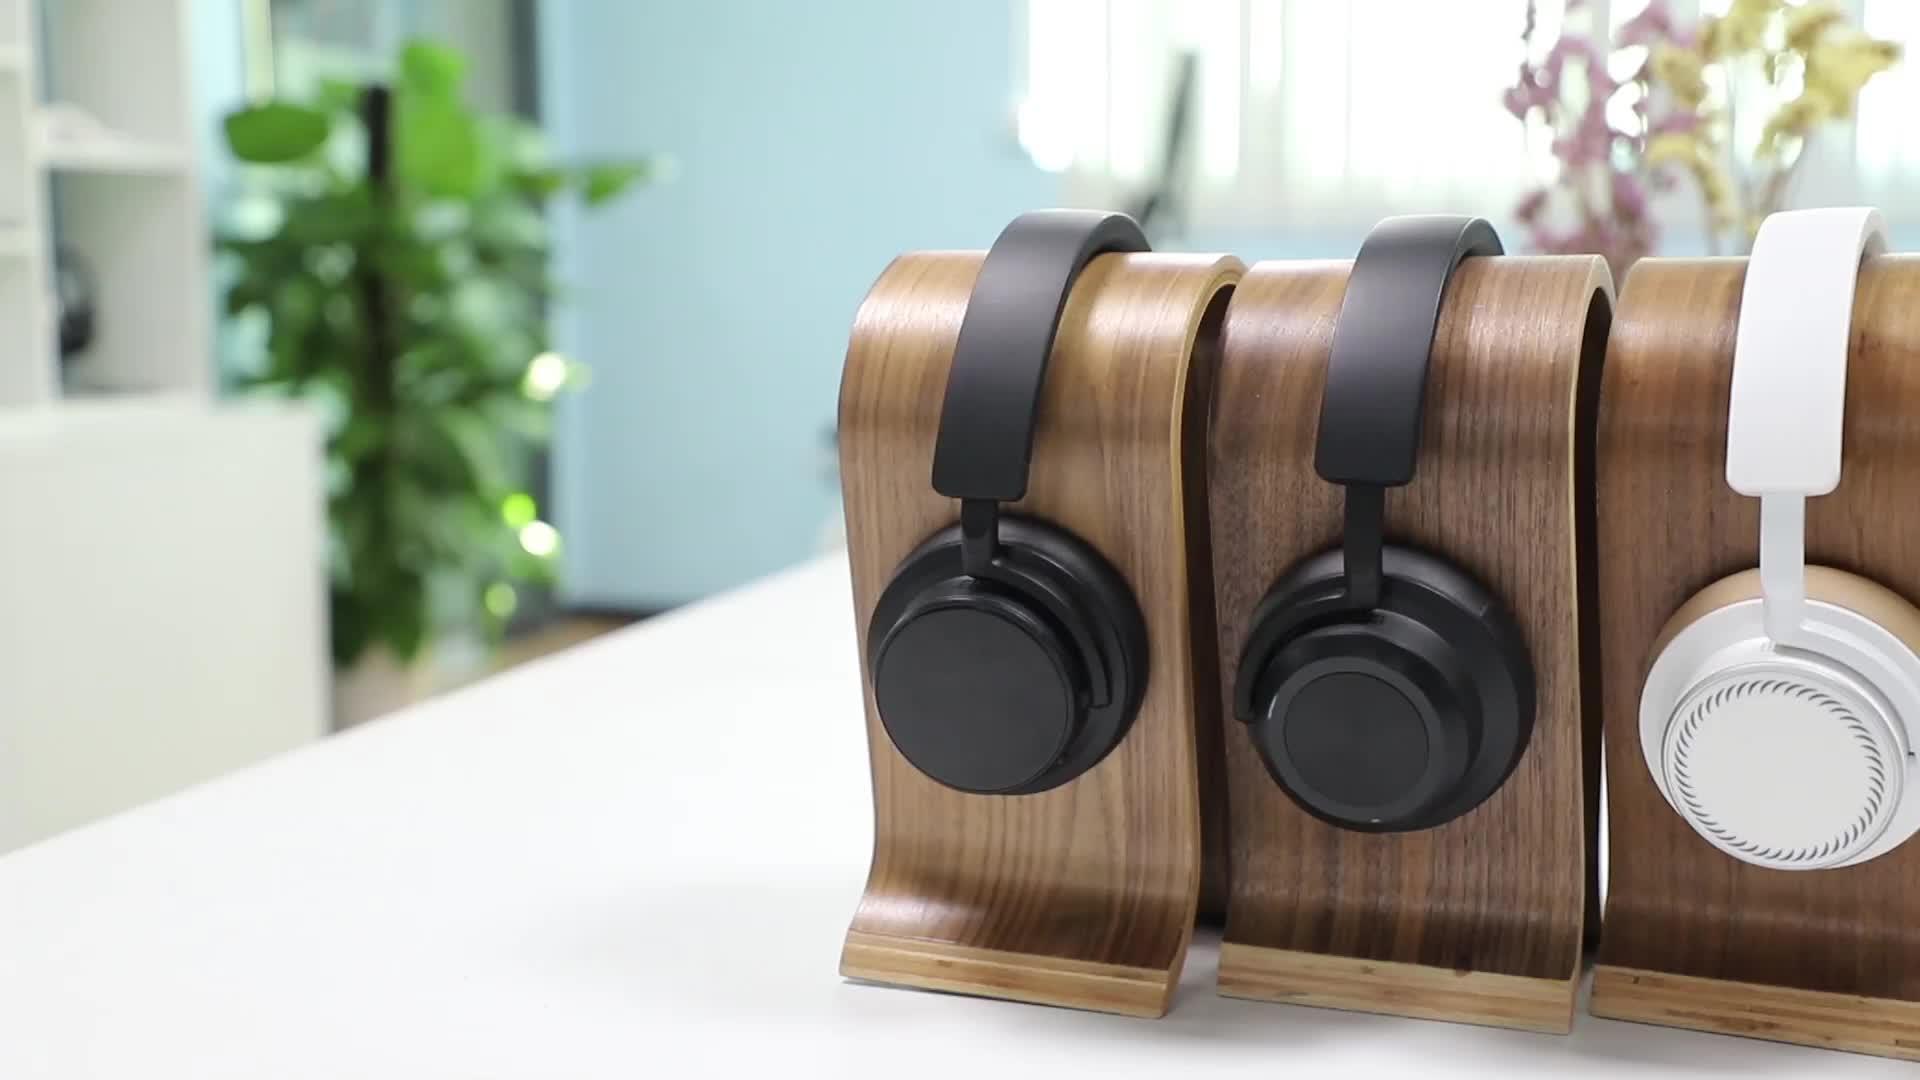 전문 소음 무선 헤드셋 제조 업체 생산 액티브 소음 차단 Bluetooth 헤드폰